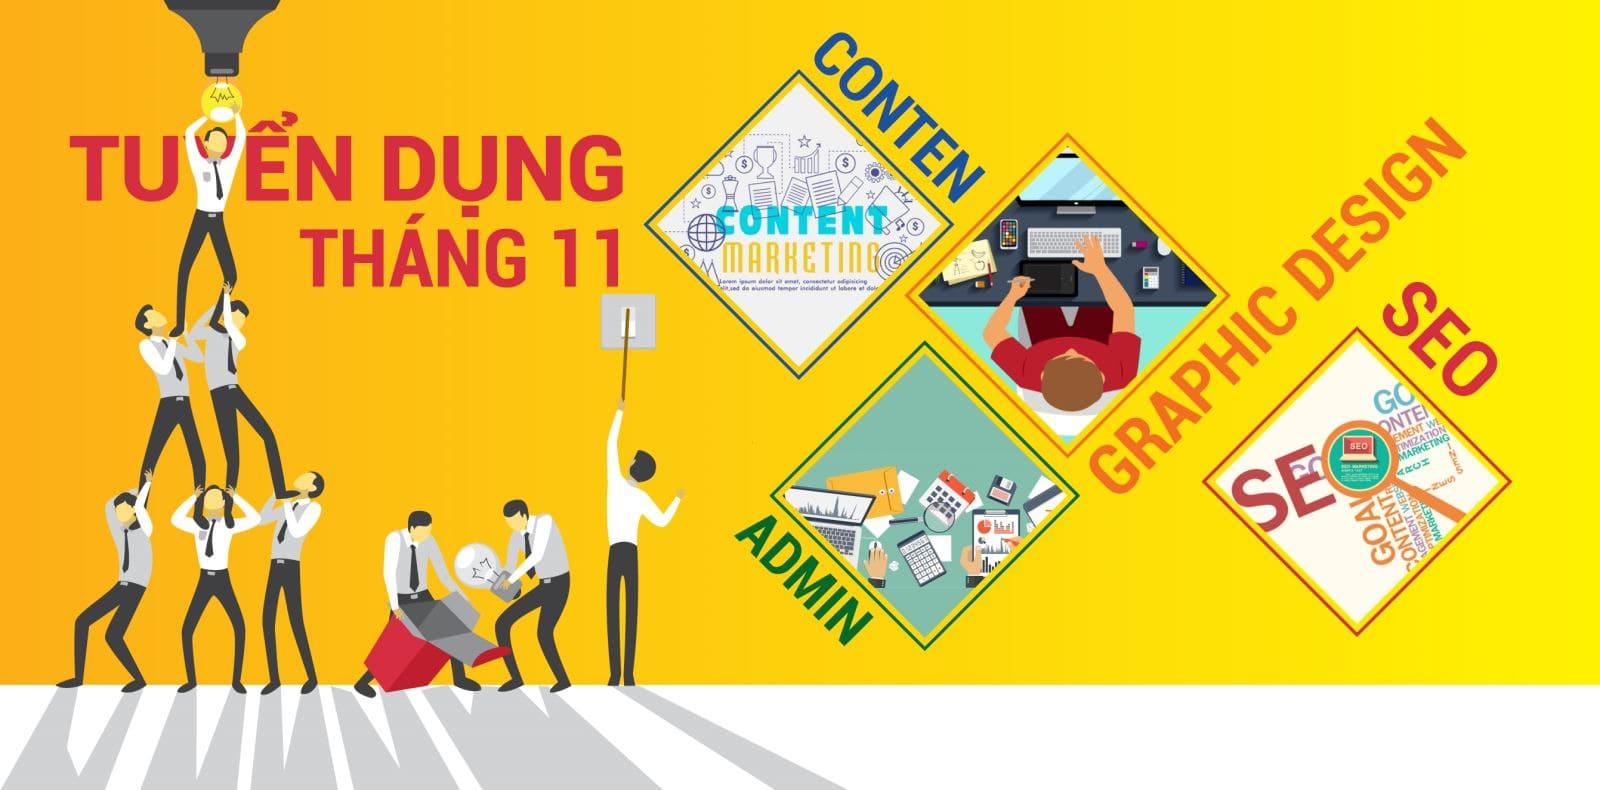 poster tuyển dụng nhân viên marketing